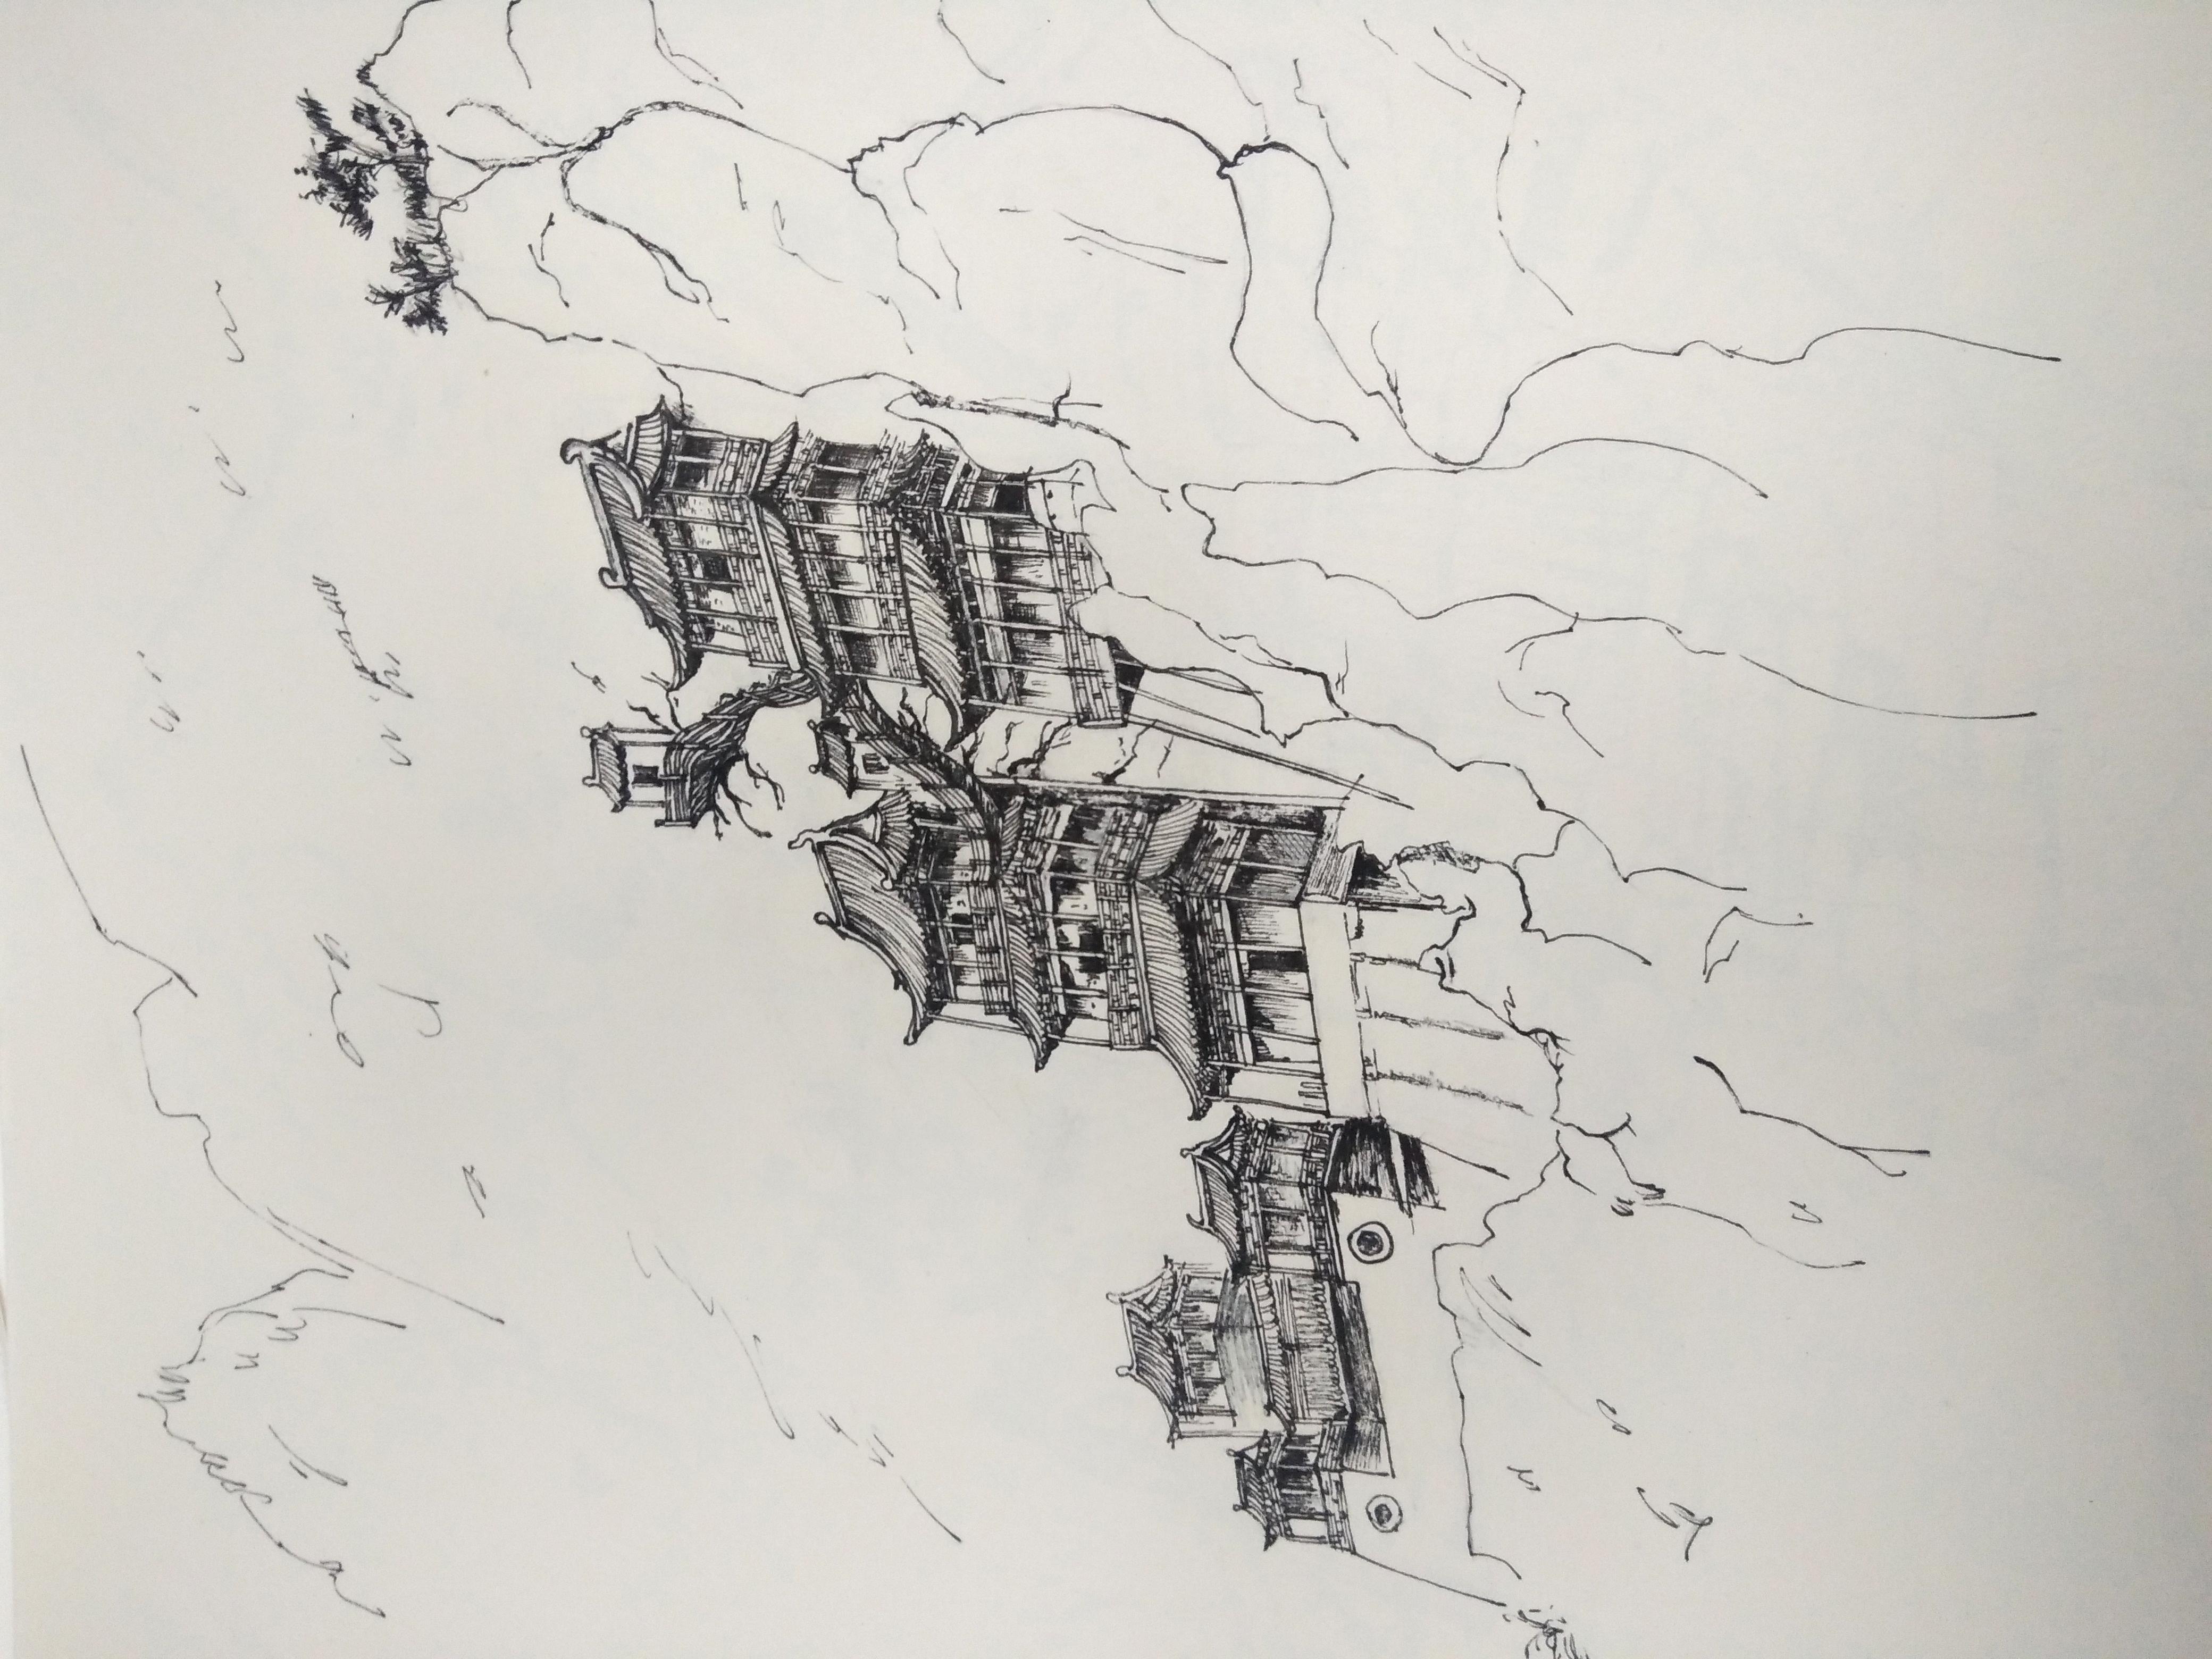 手绘风景建筑|纯艺术|钢笔画|糖豆逗 - 原创作品